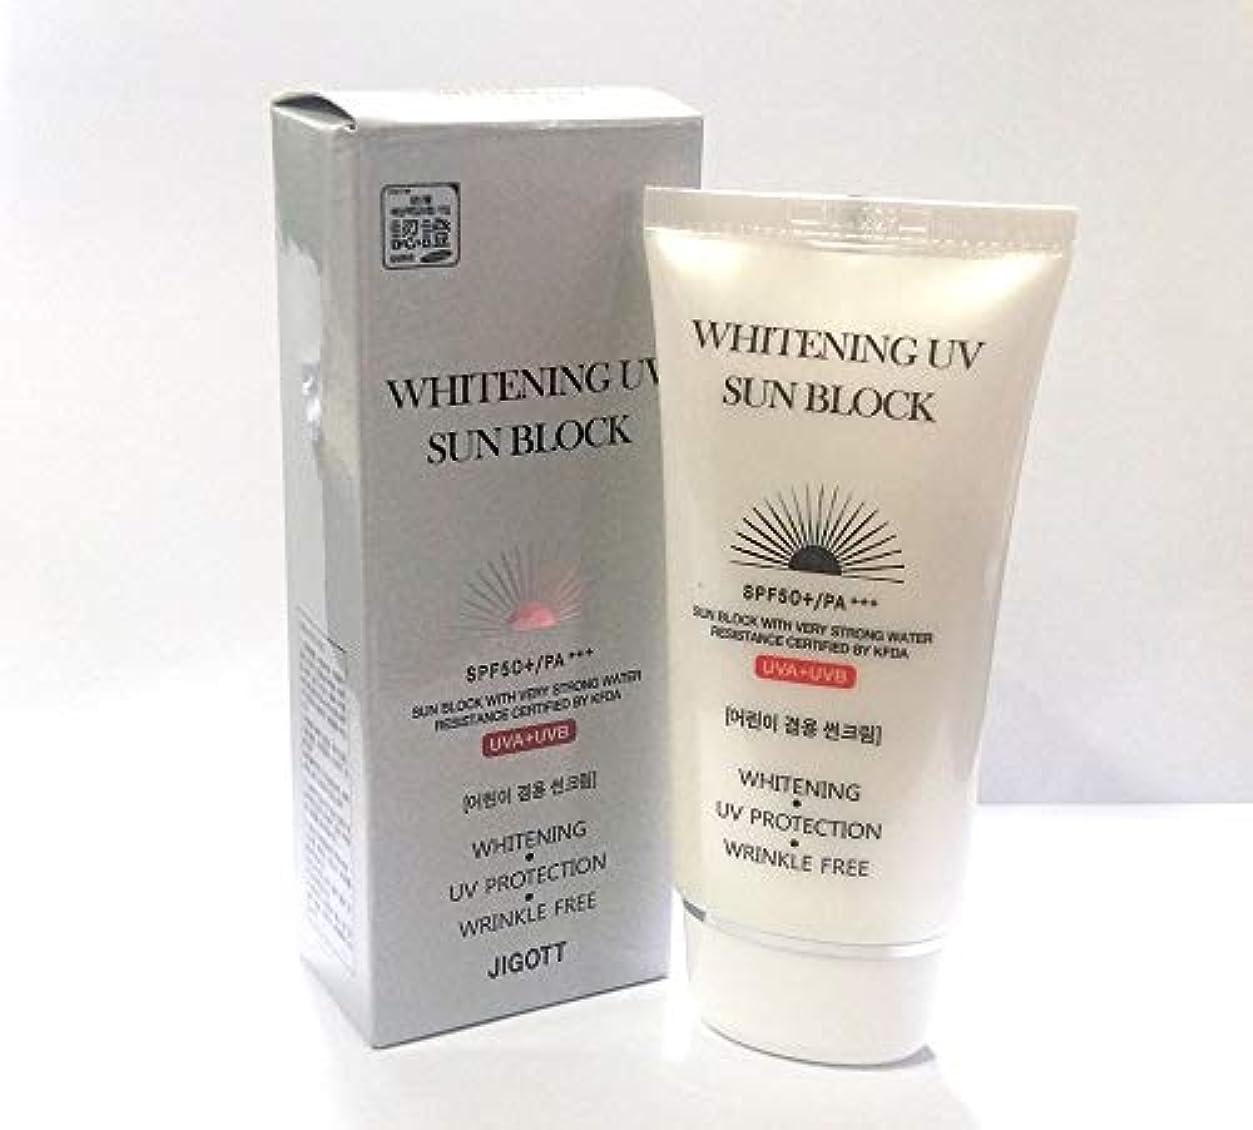 受け継ぐ展示会モルヒネ[JIGOTT] ホワイトニングUVプロテクトサンブロッククリームSPF50 + PA +++ / Whitening UV Protection Sun Block Cream SPF50+ PA +++ / 韓国化粧品...